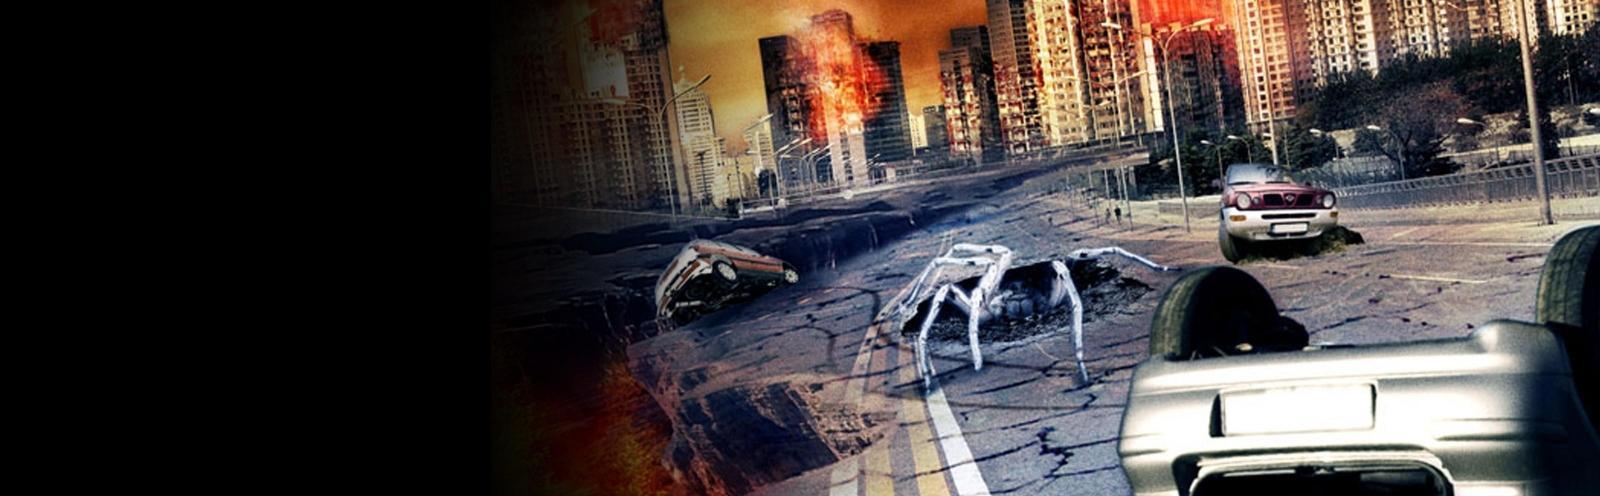 Katastrofileffa: Tarantellatärinä